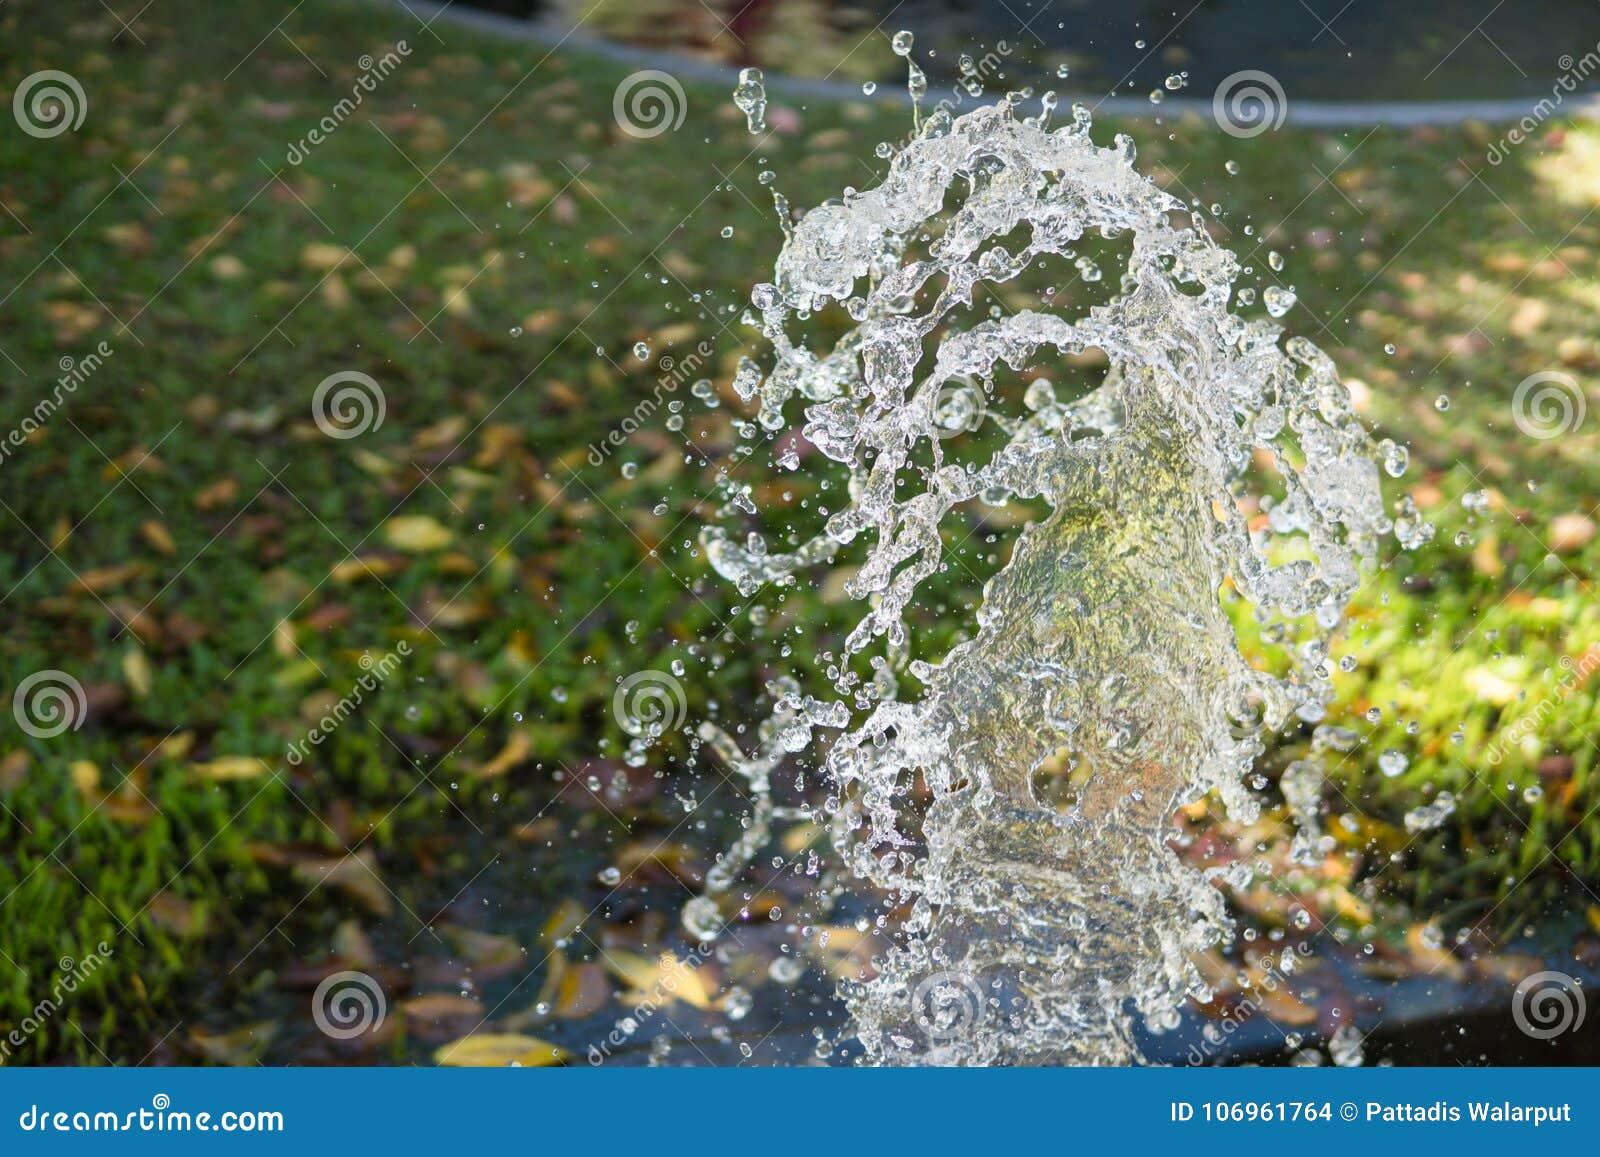 Wasserspritzen Im Rasen Am Hinterhof Stockfoto Bild Von